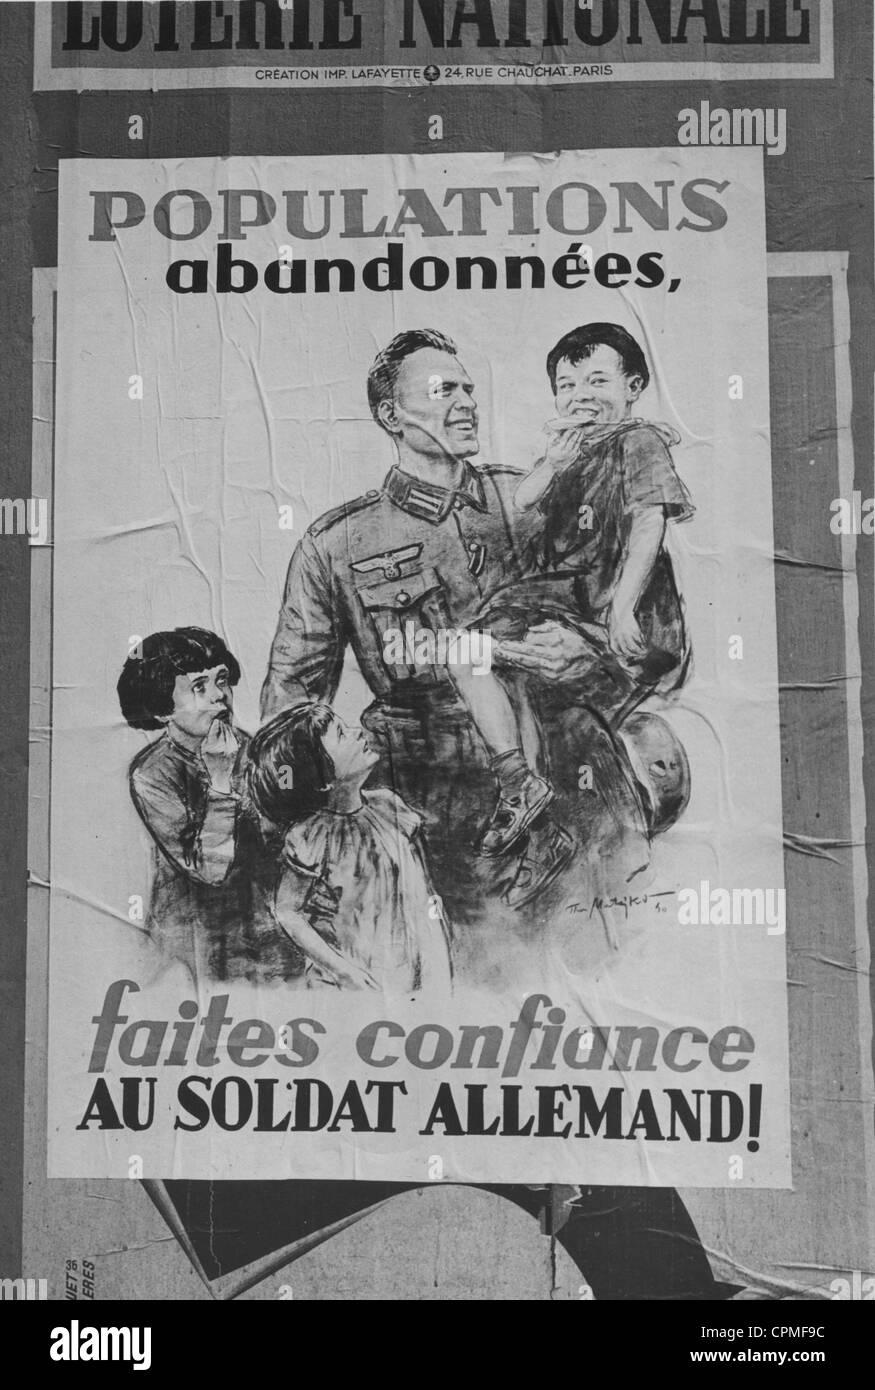 German propaganda poster in Paris, 1940 - Stock Image